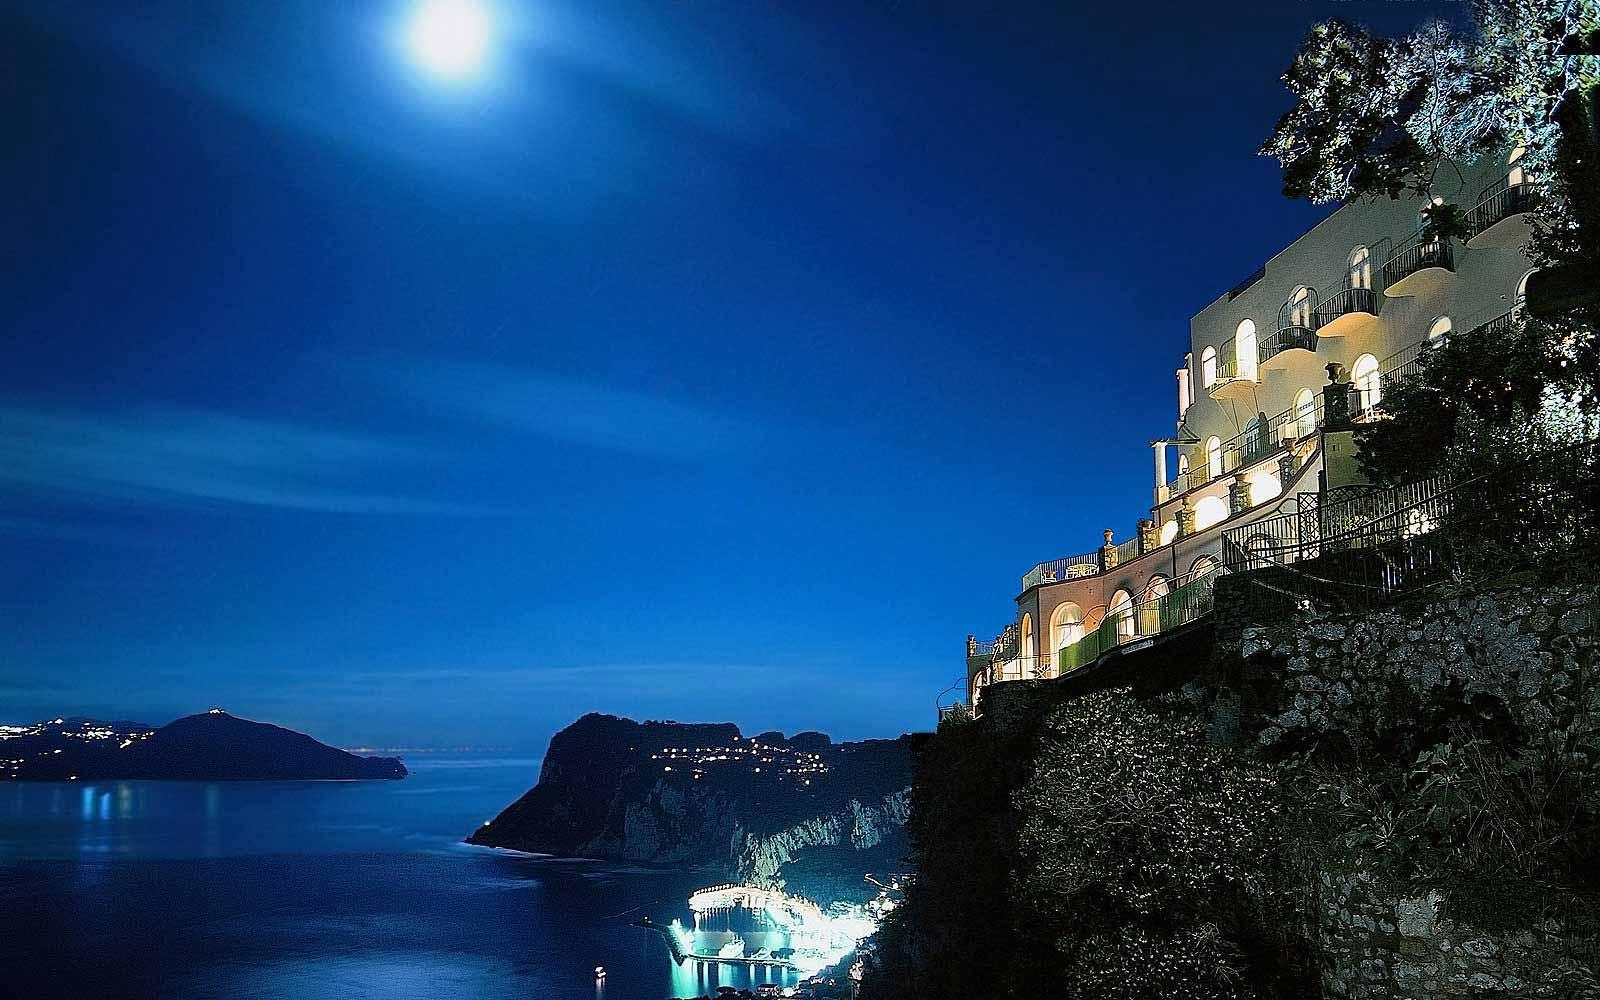 Hotel Caesar Augustus at night